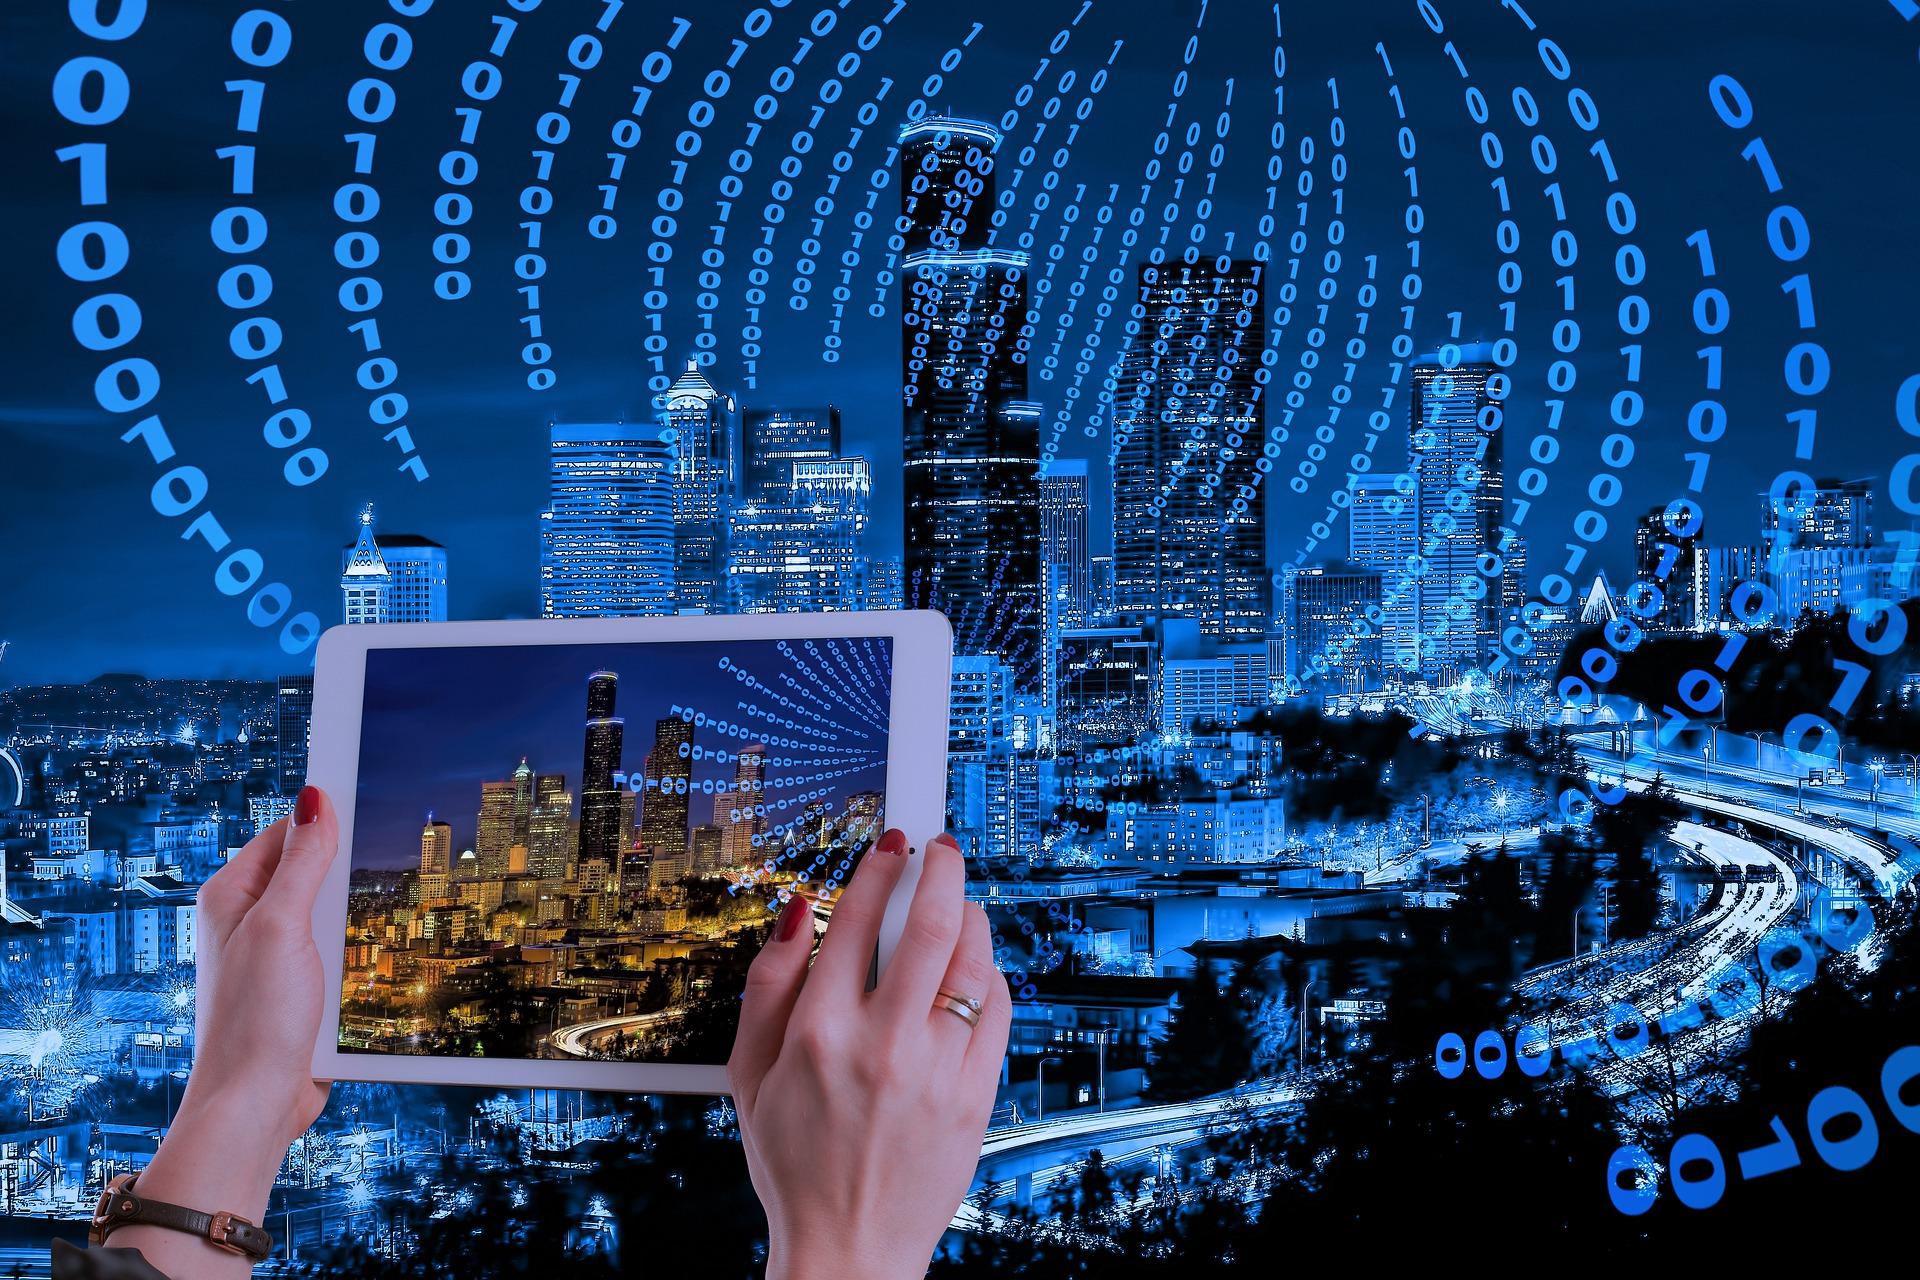 المستقبل: توقعات بالتحول الرقمي في أماكن وطرق العمل بالإمارات